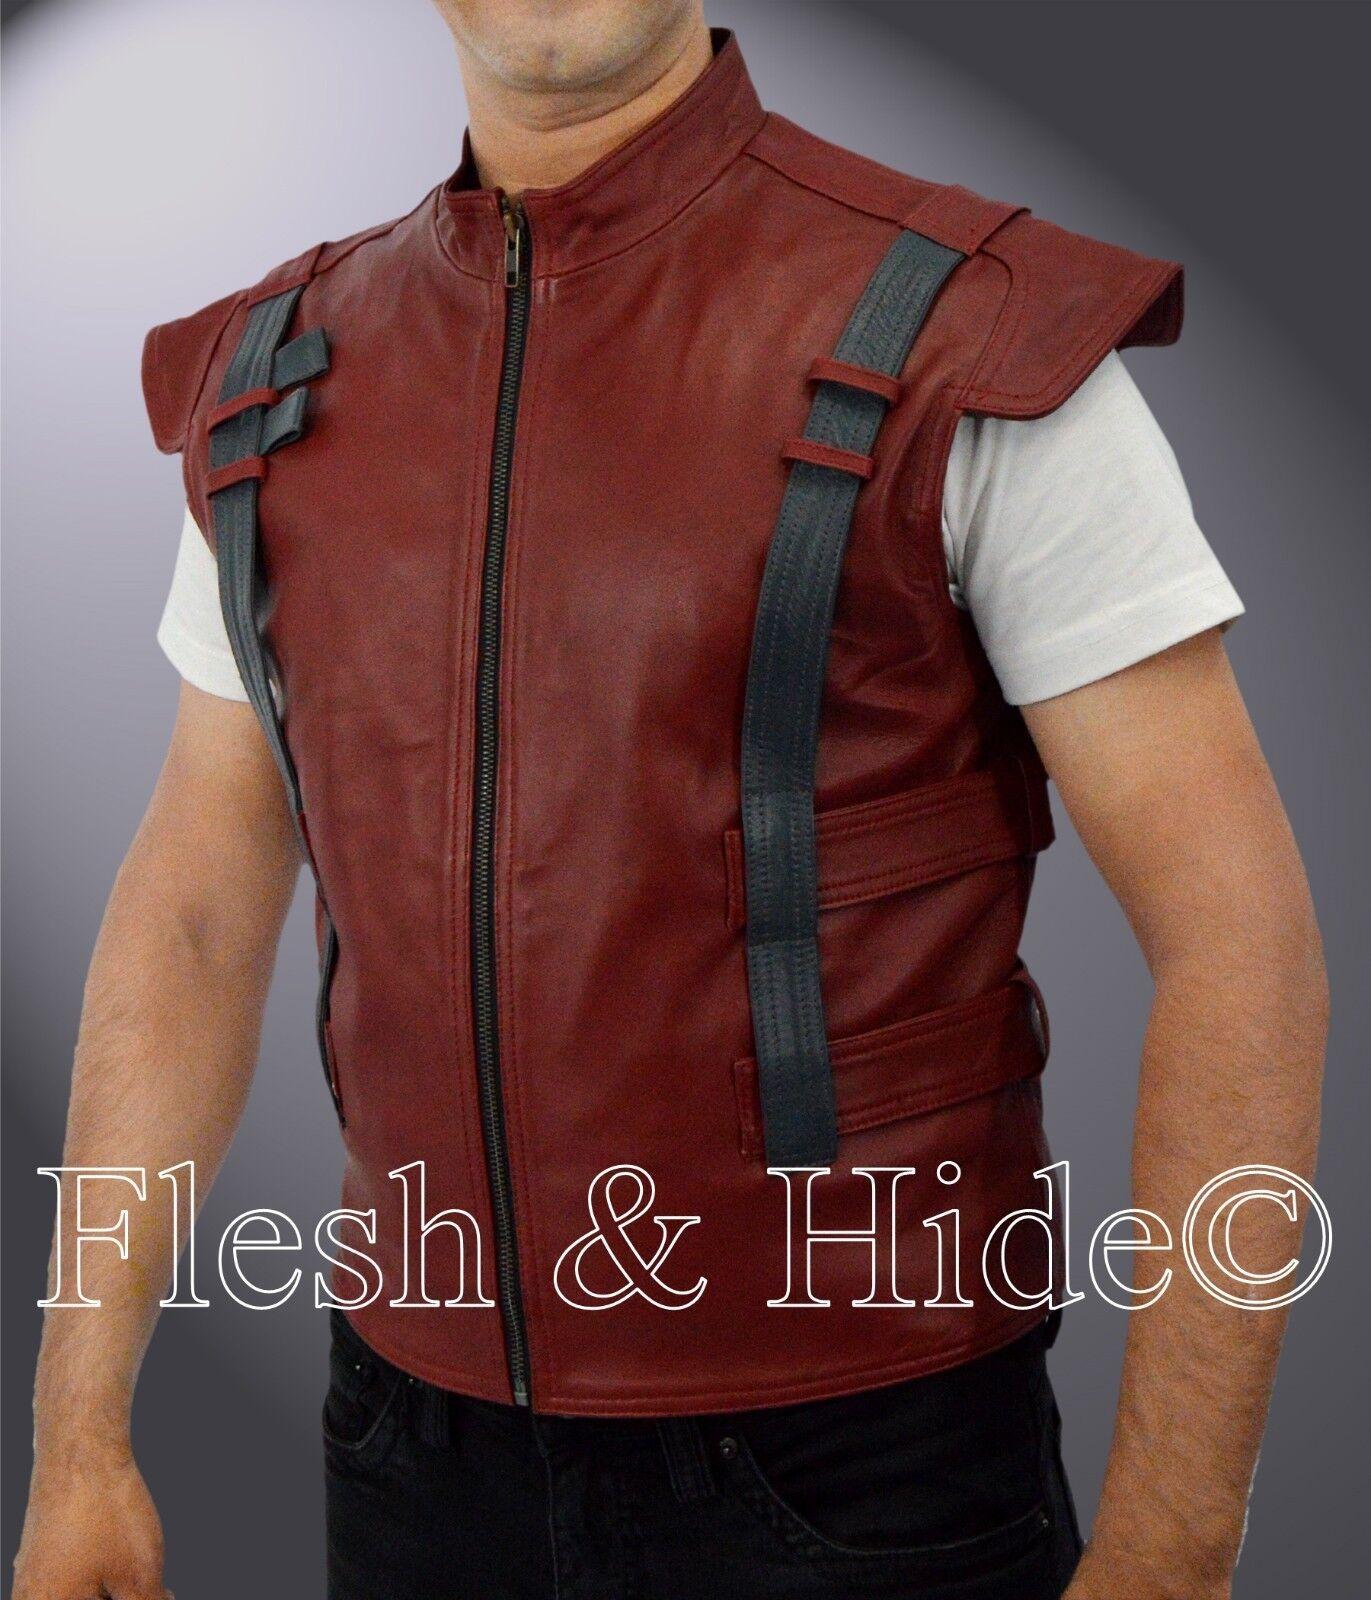 Guardians of Pratt the Galaxy Chris Pratt of Star Lord Peter Quill Vest c14b47